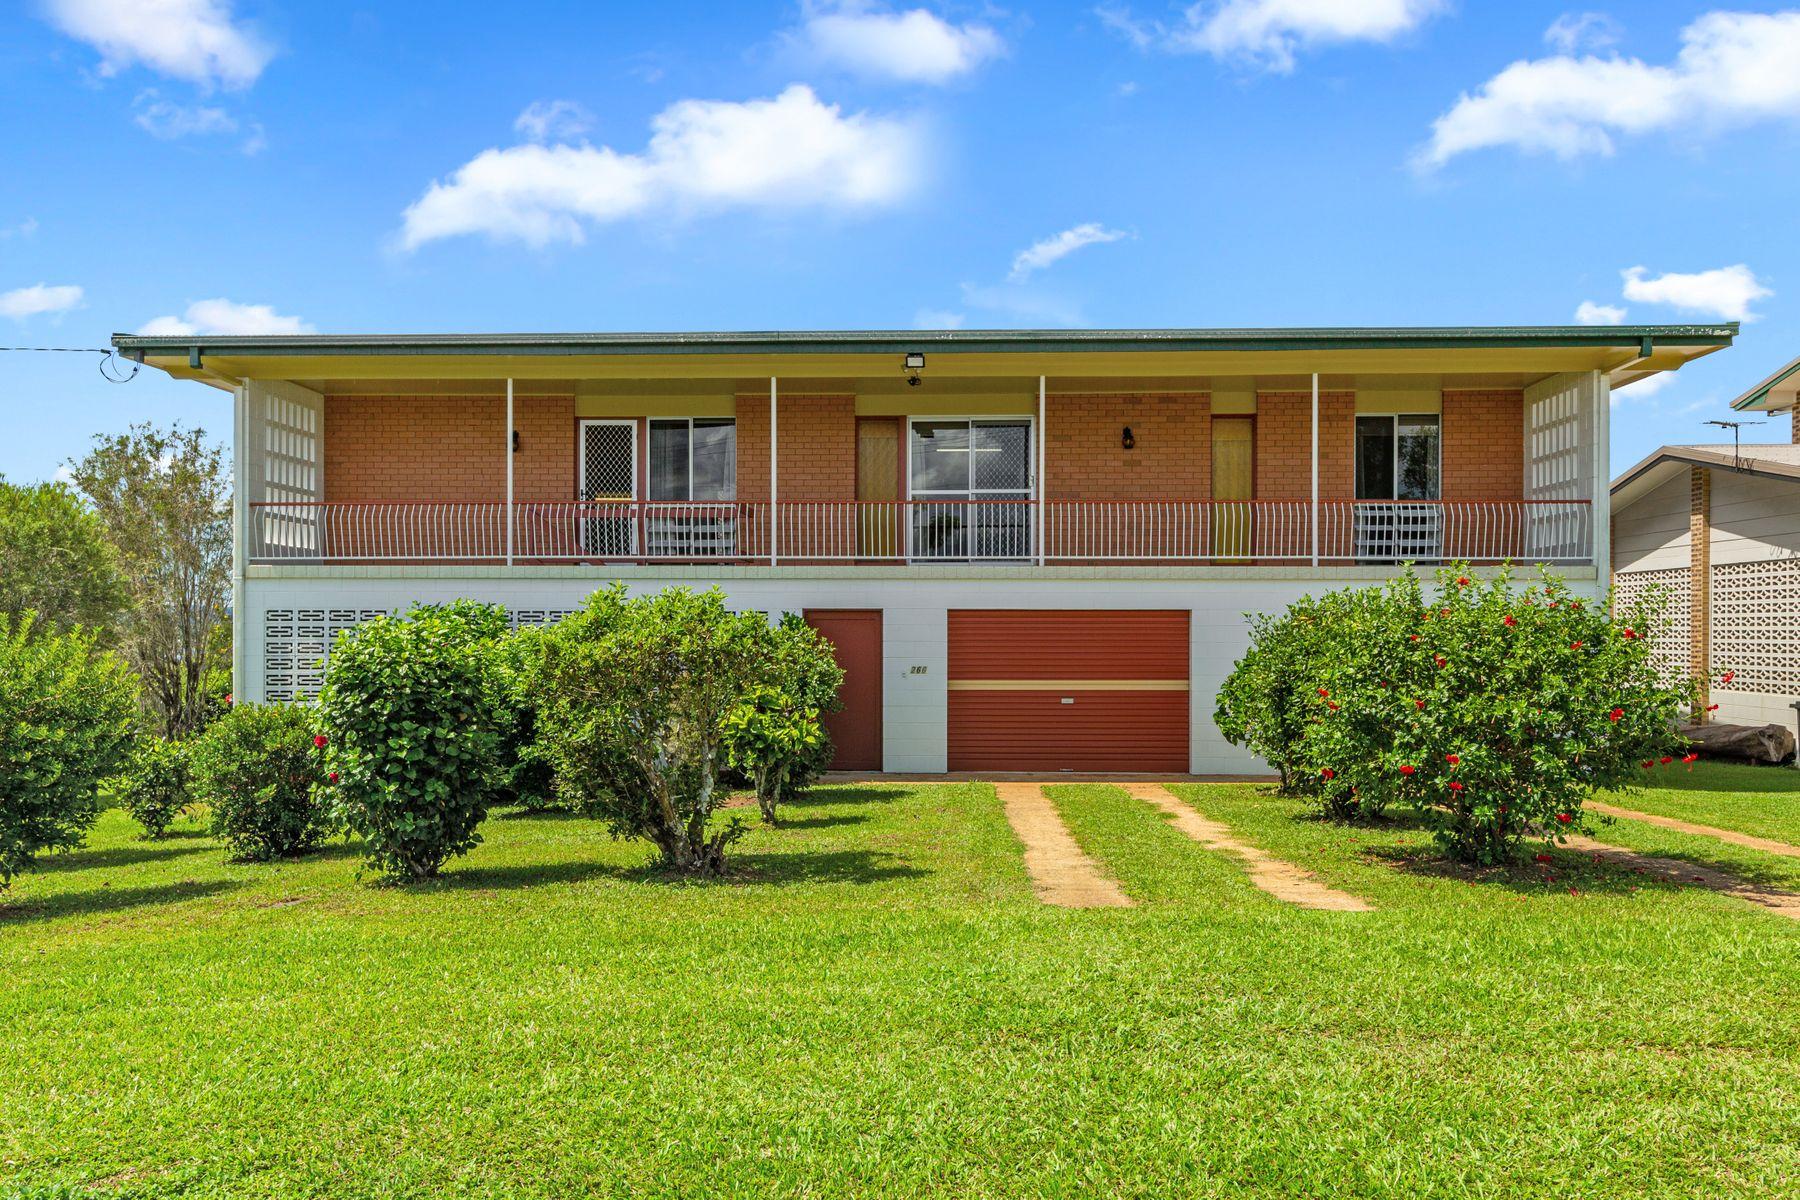 266 Palmerston Highway, Belvedere, QLD 4860